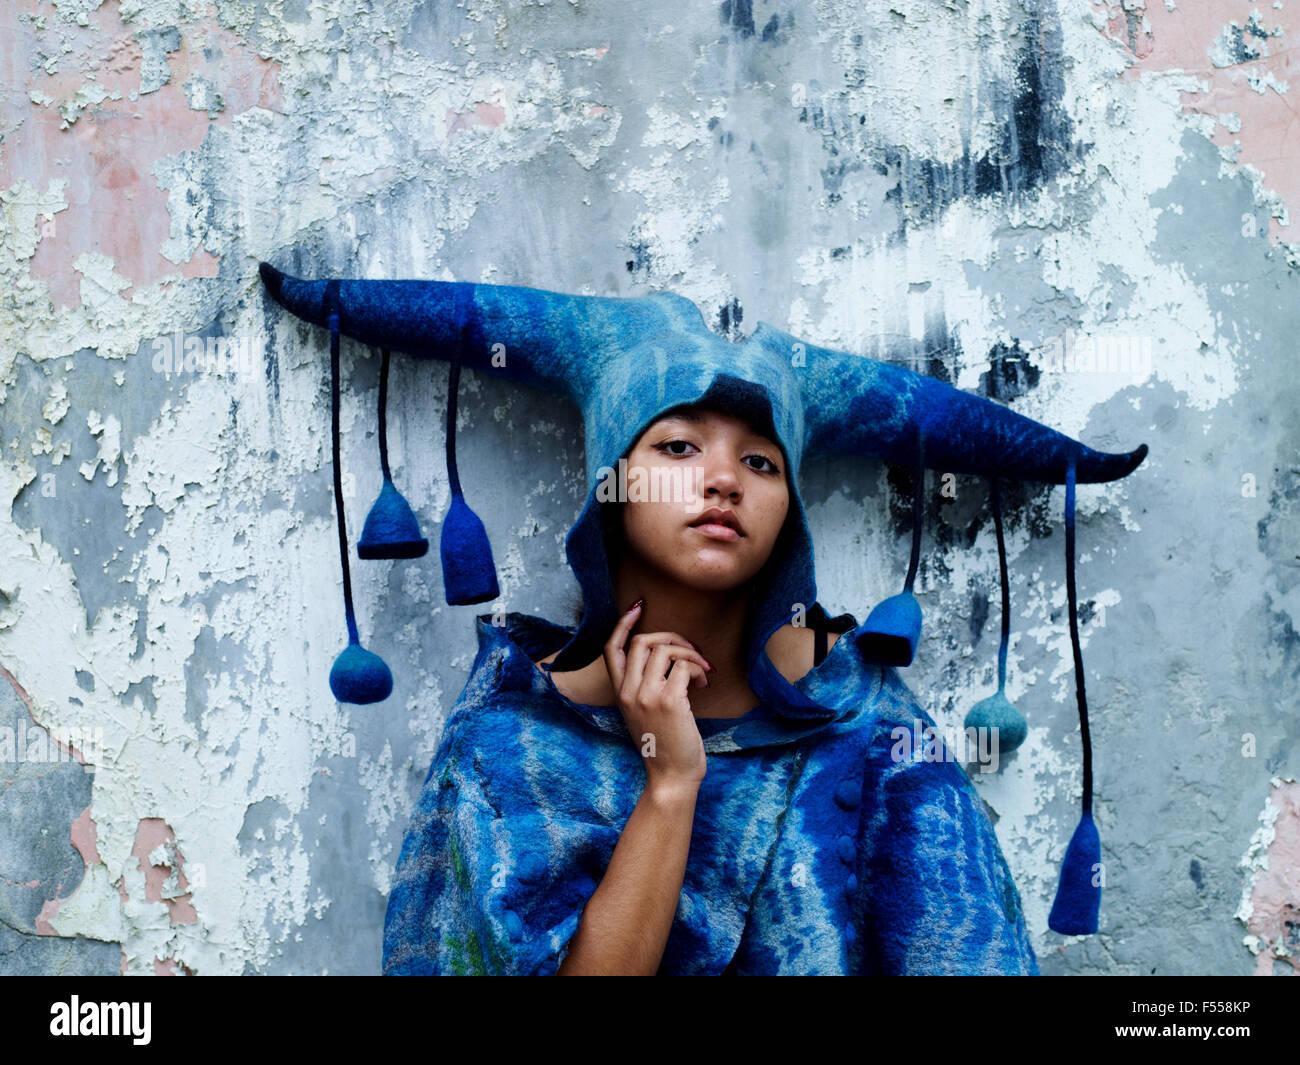 Un feltro maschera indossata da un modello. Queste maschere sono spesso indossati per il teatro e la moda Productions. Immagini Stock